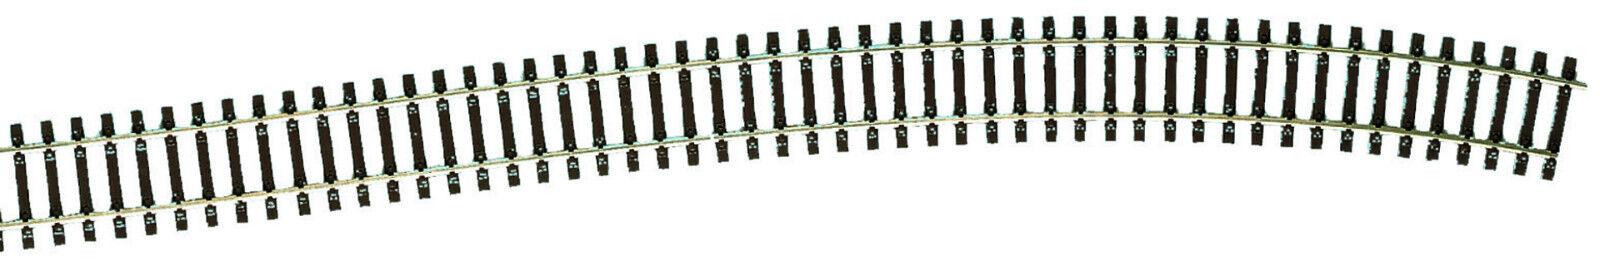 acquista marca ROCO 42400 42400 42400 FLEXGLEIS con soglie di legno 920 mm 12 PZ NUOVO  prezzi più bassi